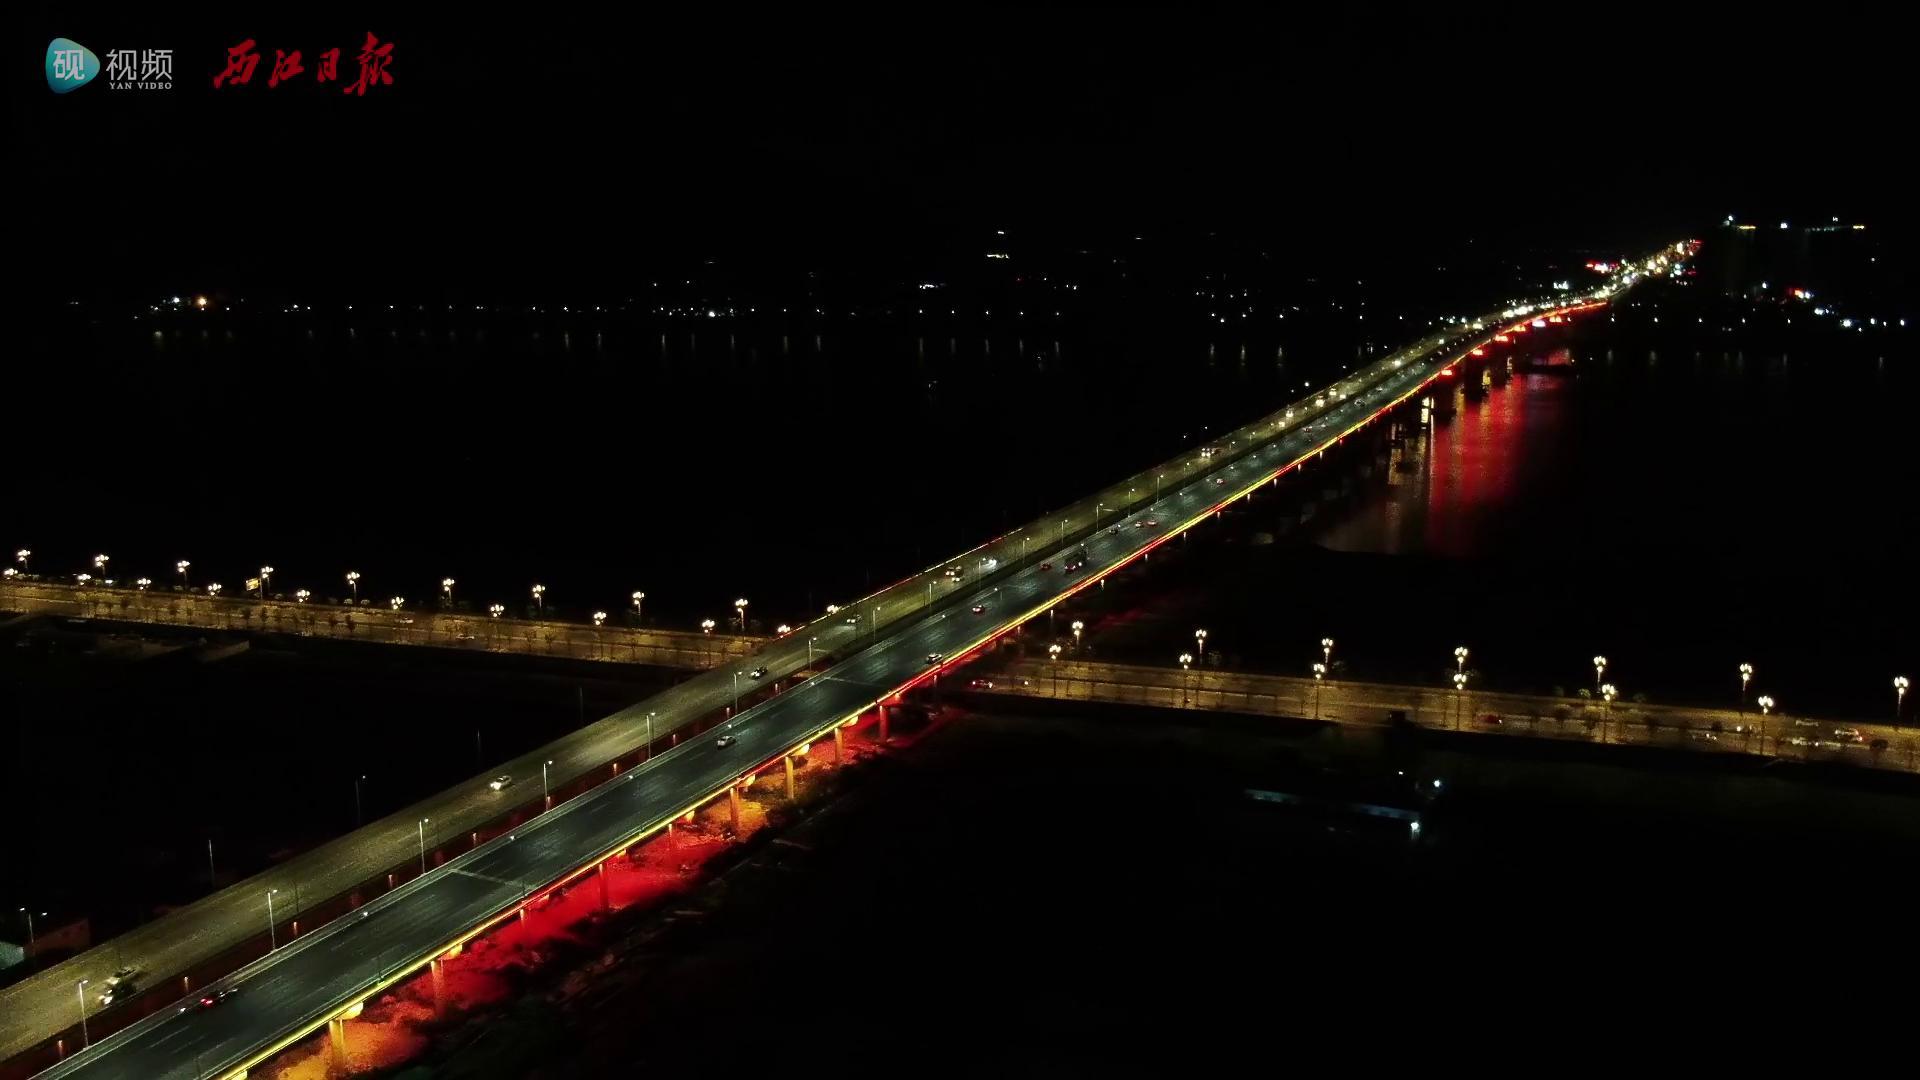 肇庆大桥七彩光芒闪耀夜空